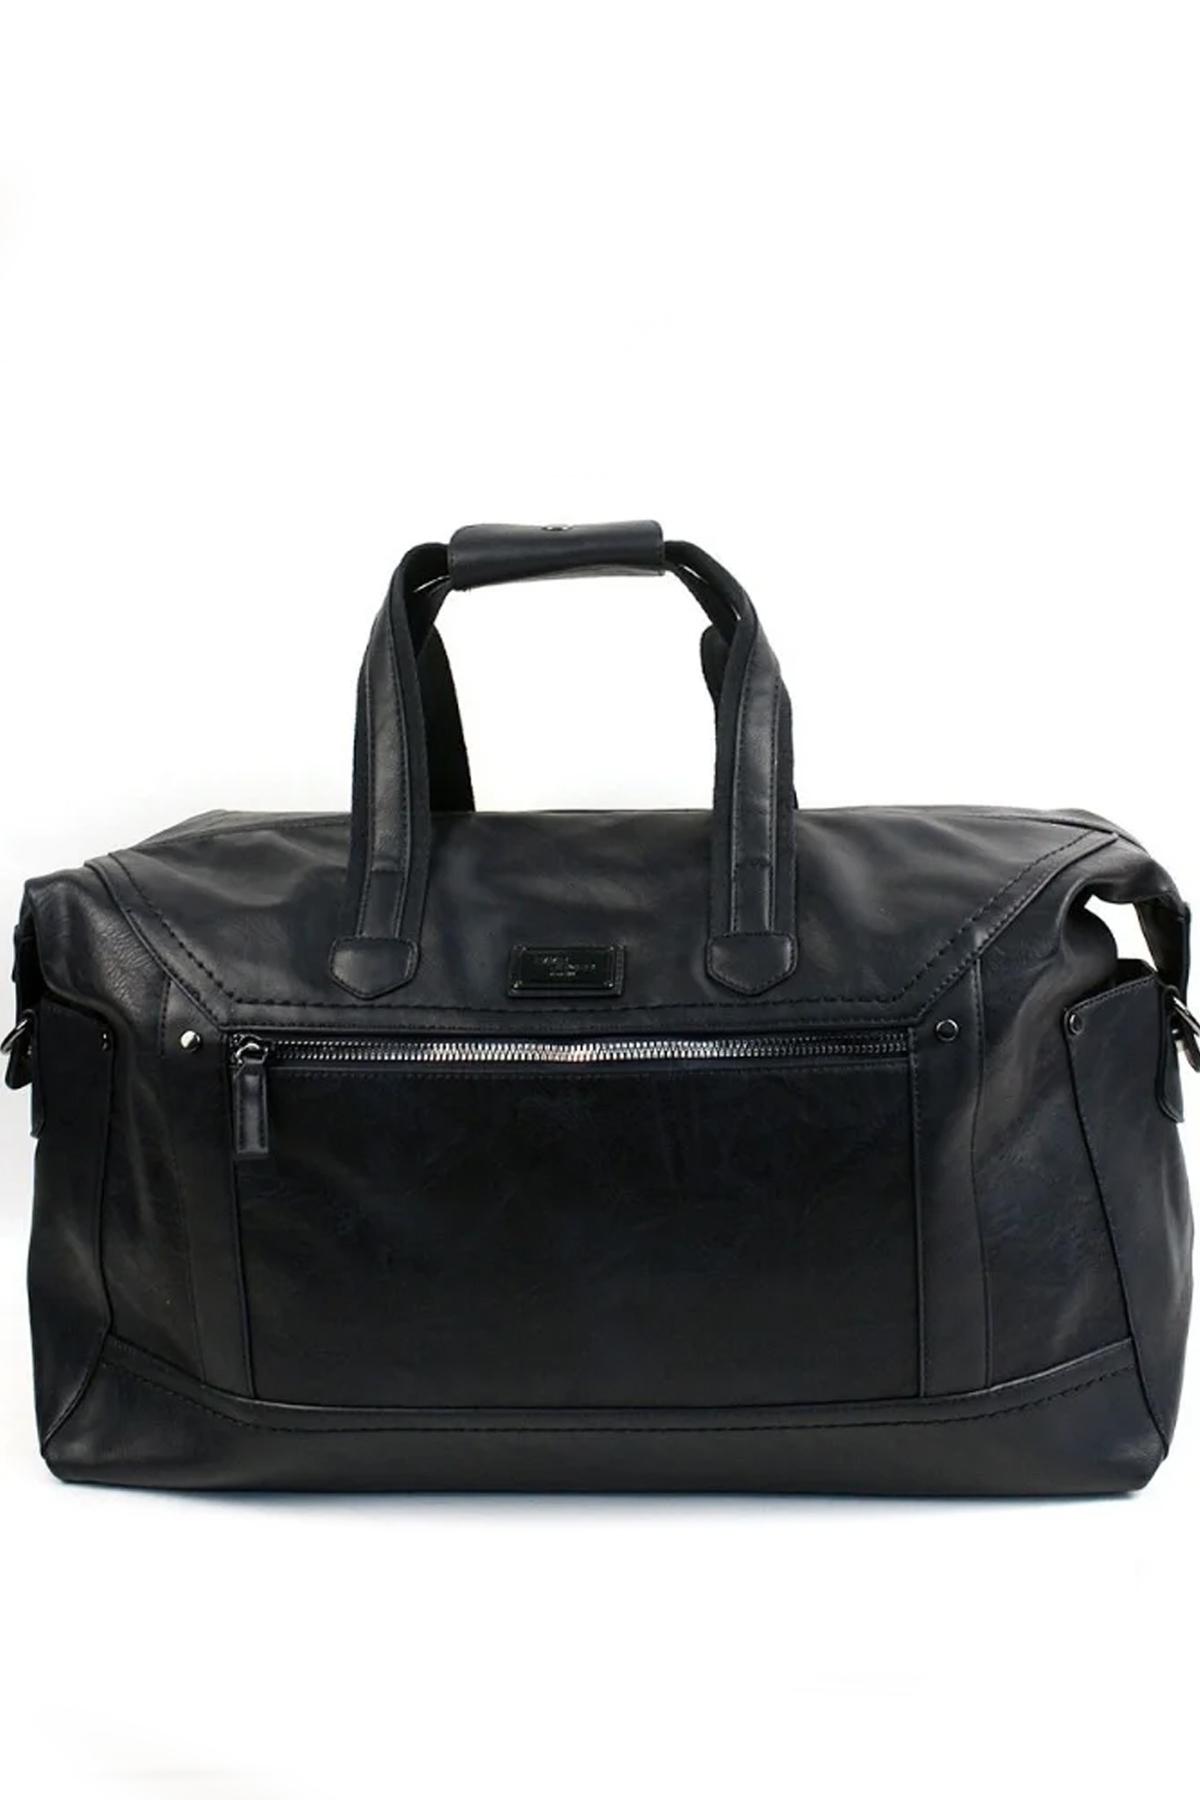 Дорожная сумка David Jones 5341 оптом